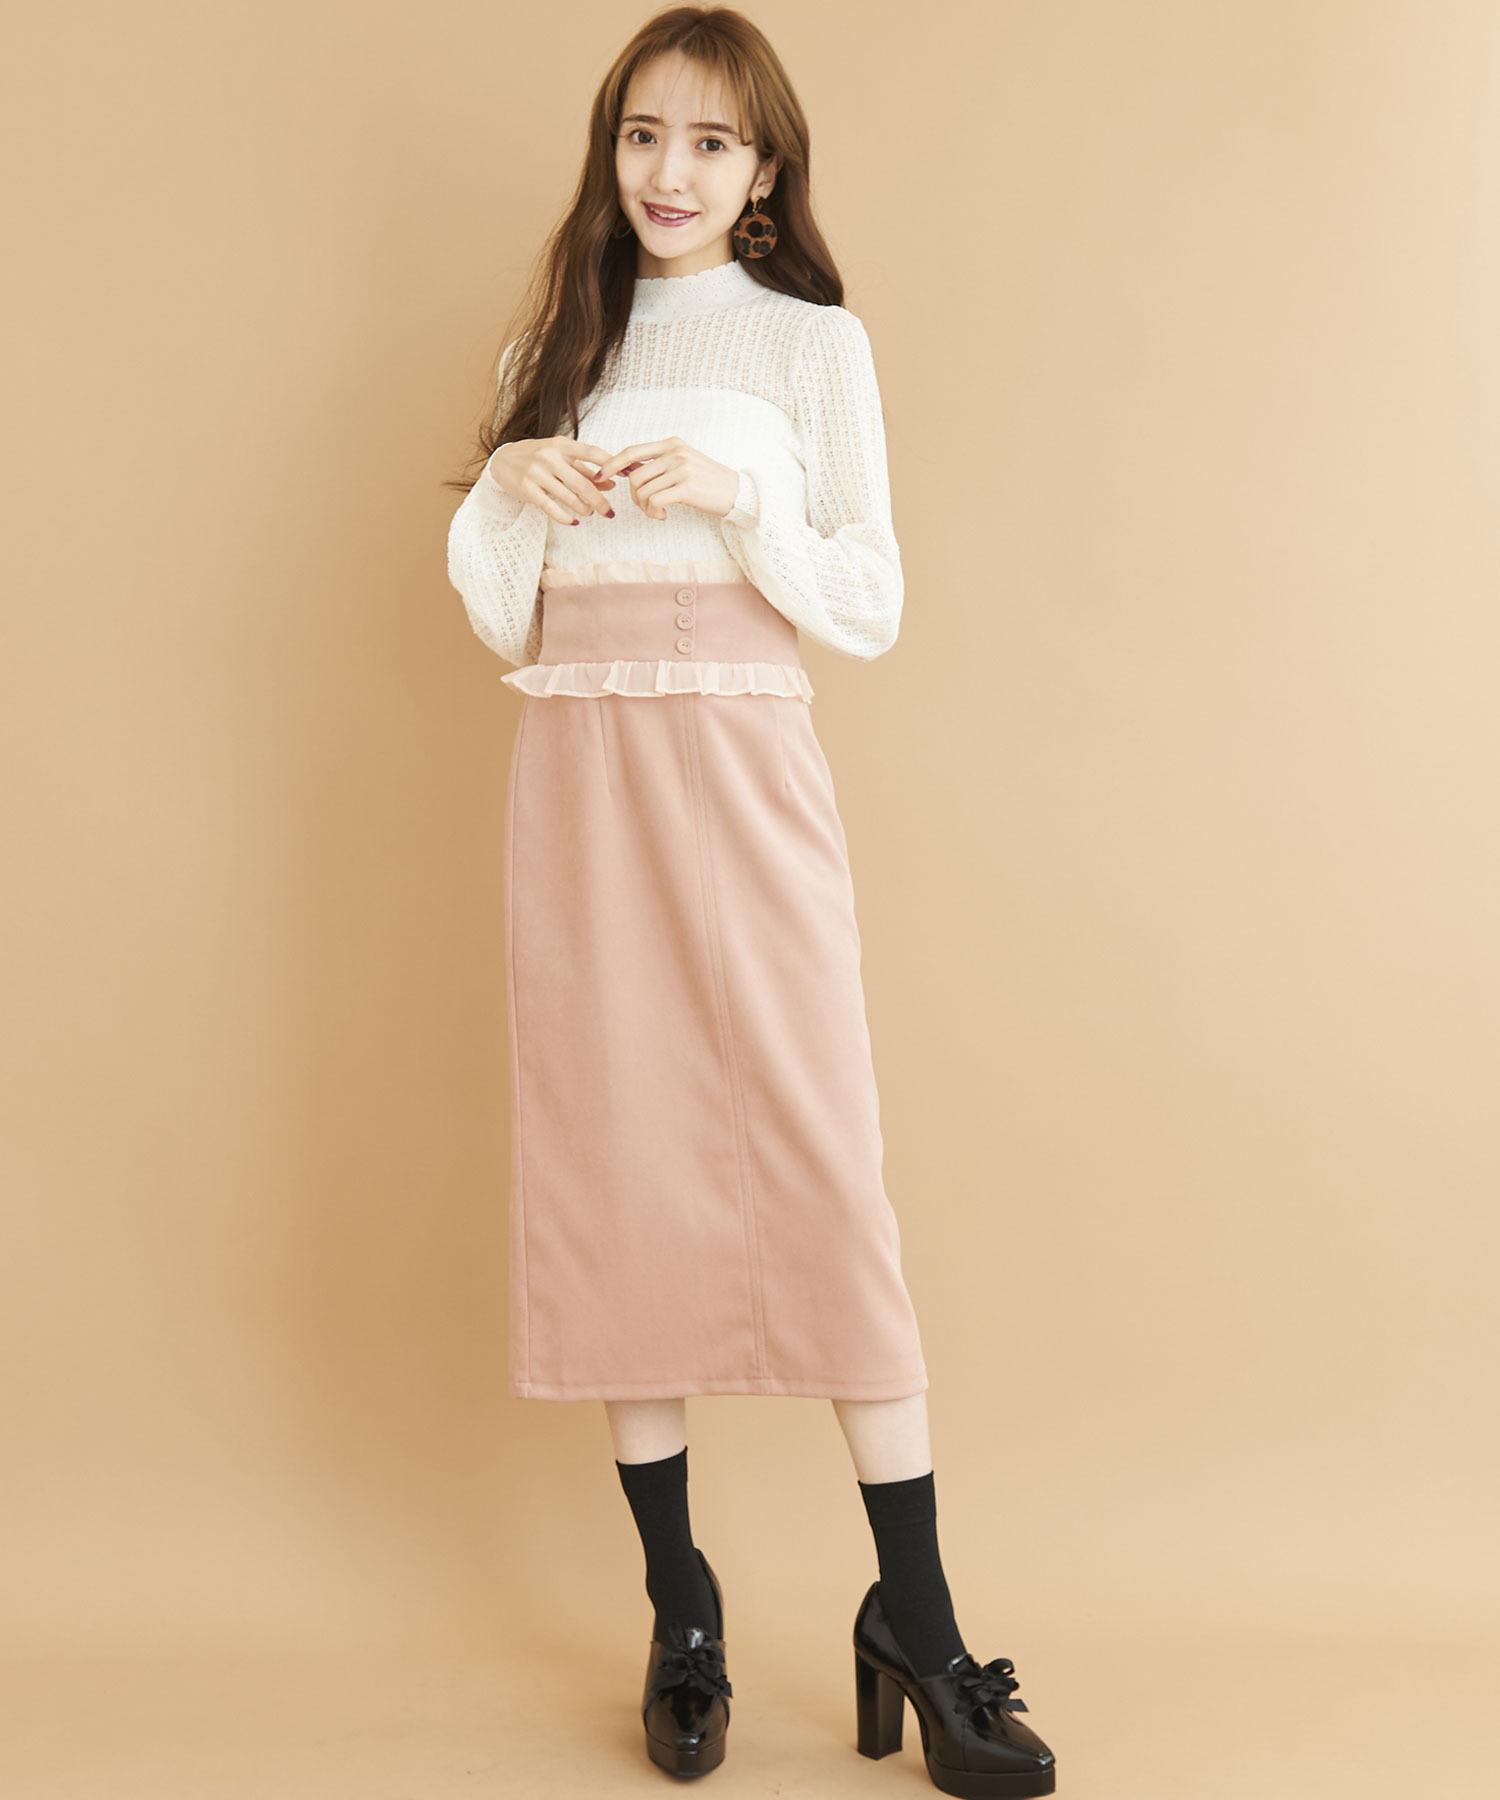 ウエストフリルタイトスカート